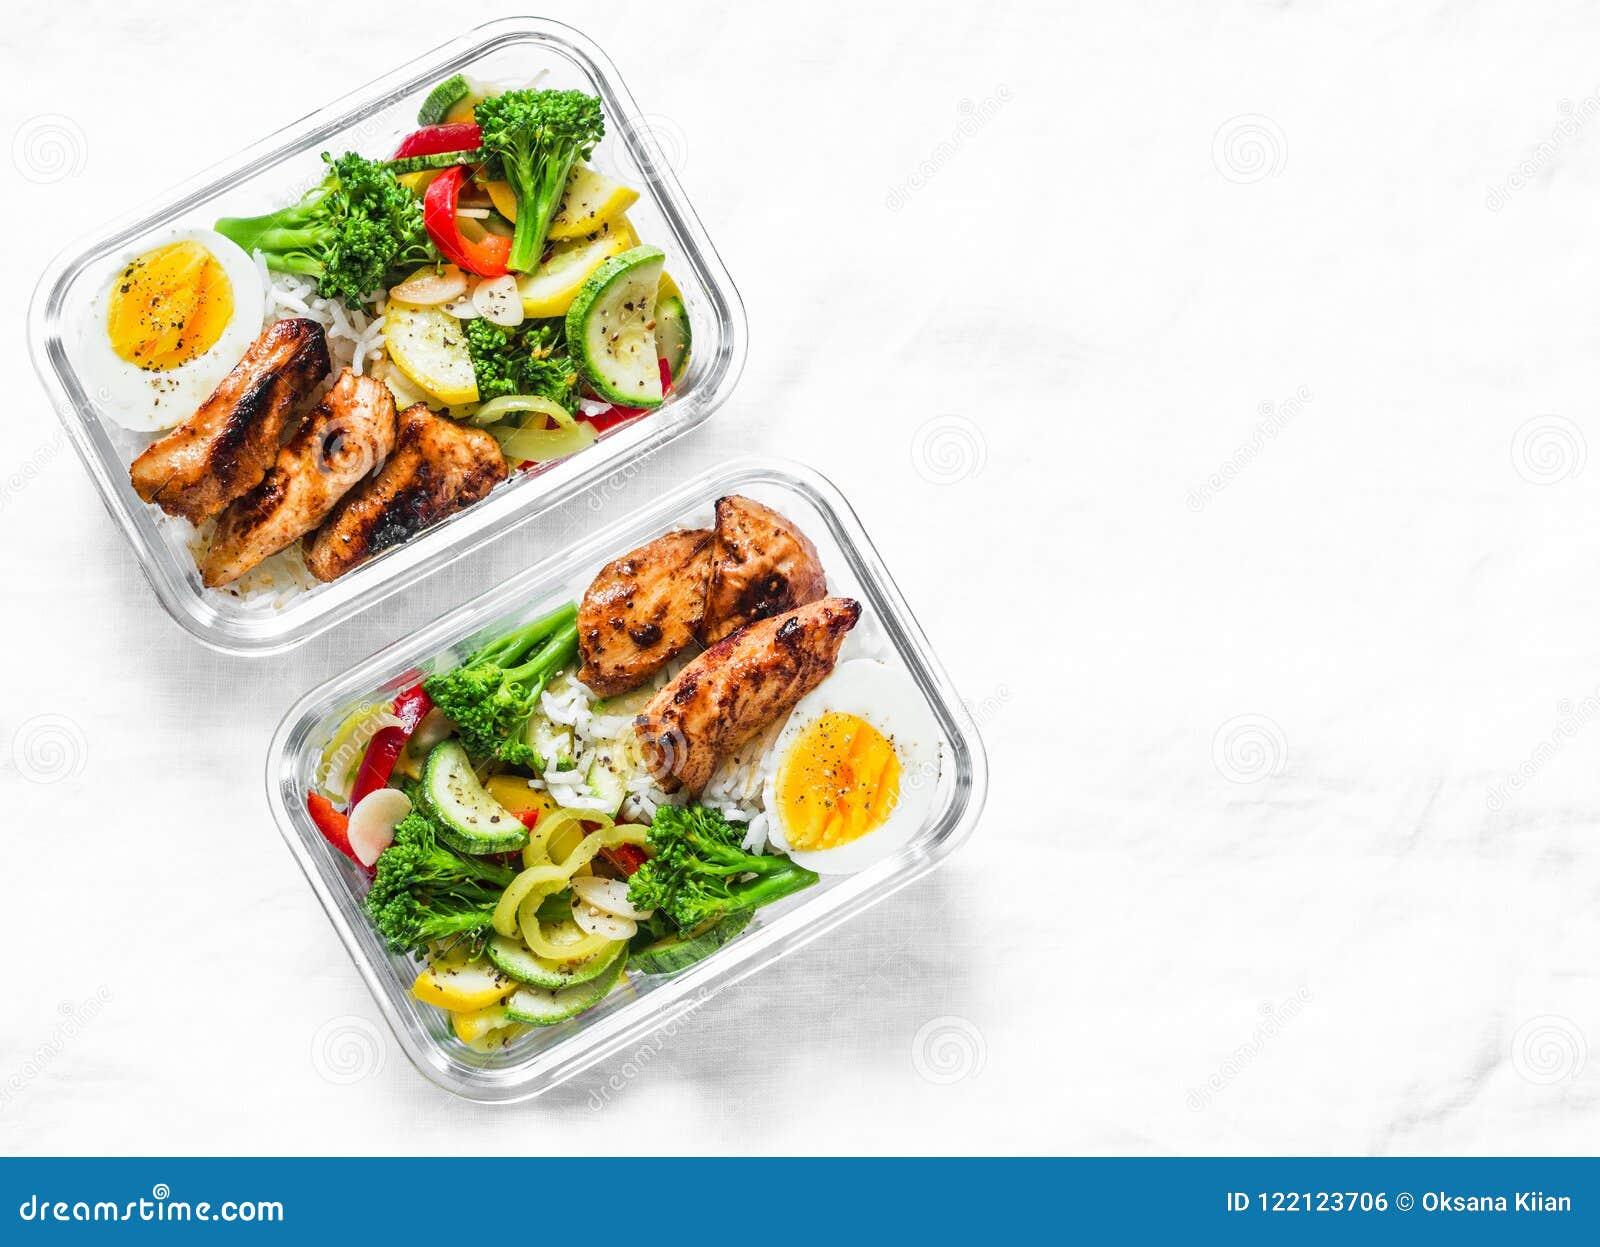 Arroz, vegetais cozidos, ovo, galinha do teriyaki - lancheira equilibrada saudável em um fundo claro, vista superior Alimento hom